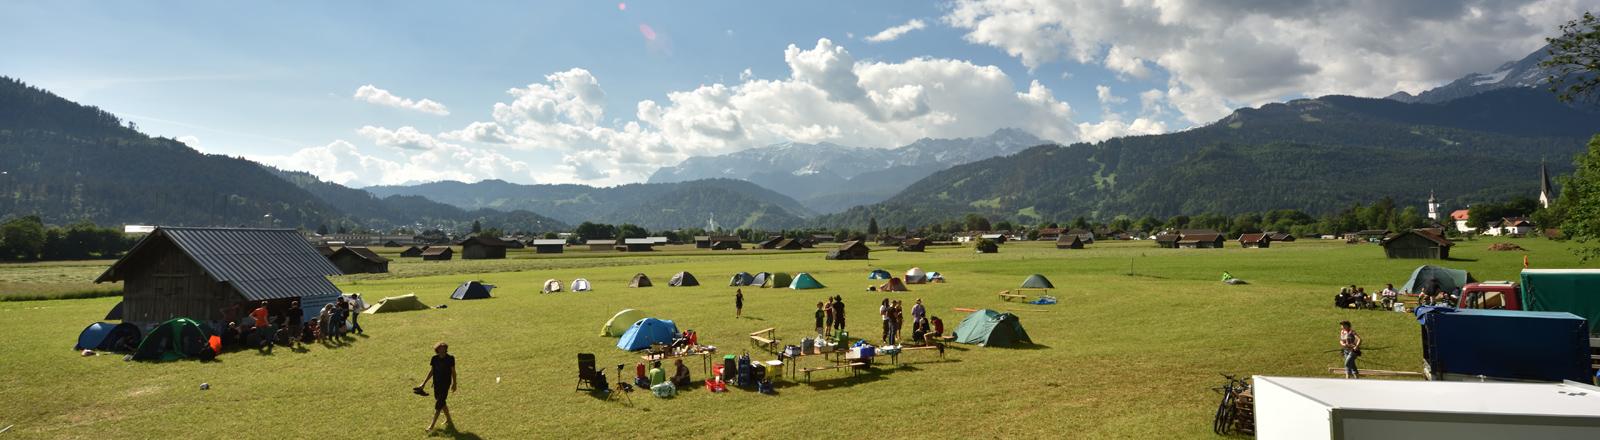 Die ersten Teilnehmer des Protestcamps gegen den G7-Gipfel auf Schloss Elmau haben am 03.06.2015 auf einer ihnen zugewiesenen Wiese in Garmisch-Partenkirchen (Bayern) ihre Zelte errichtet.